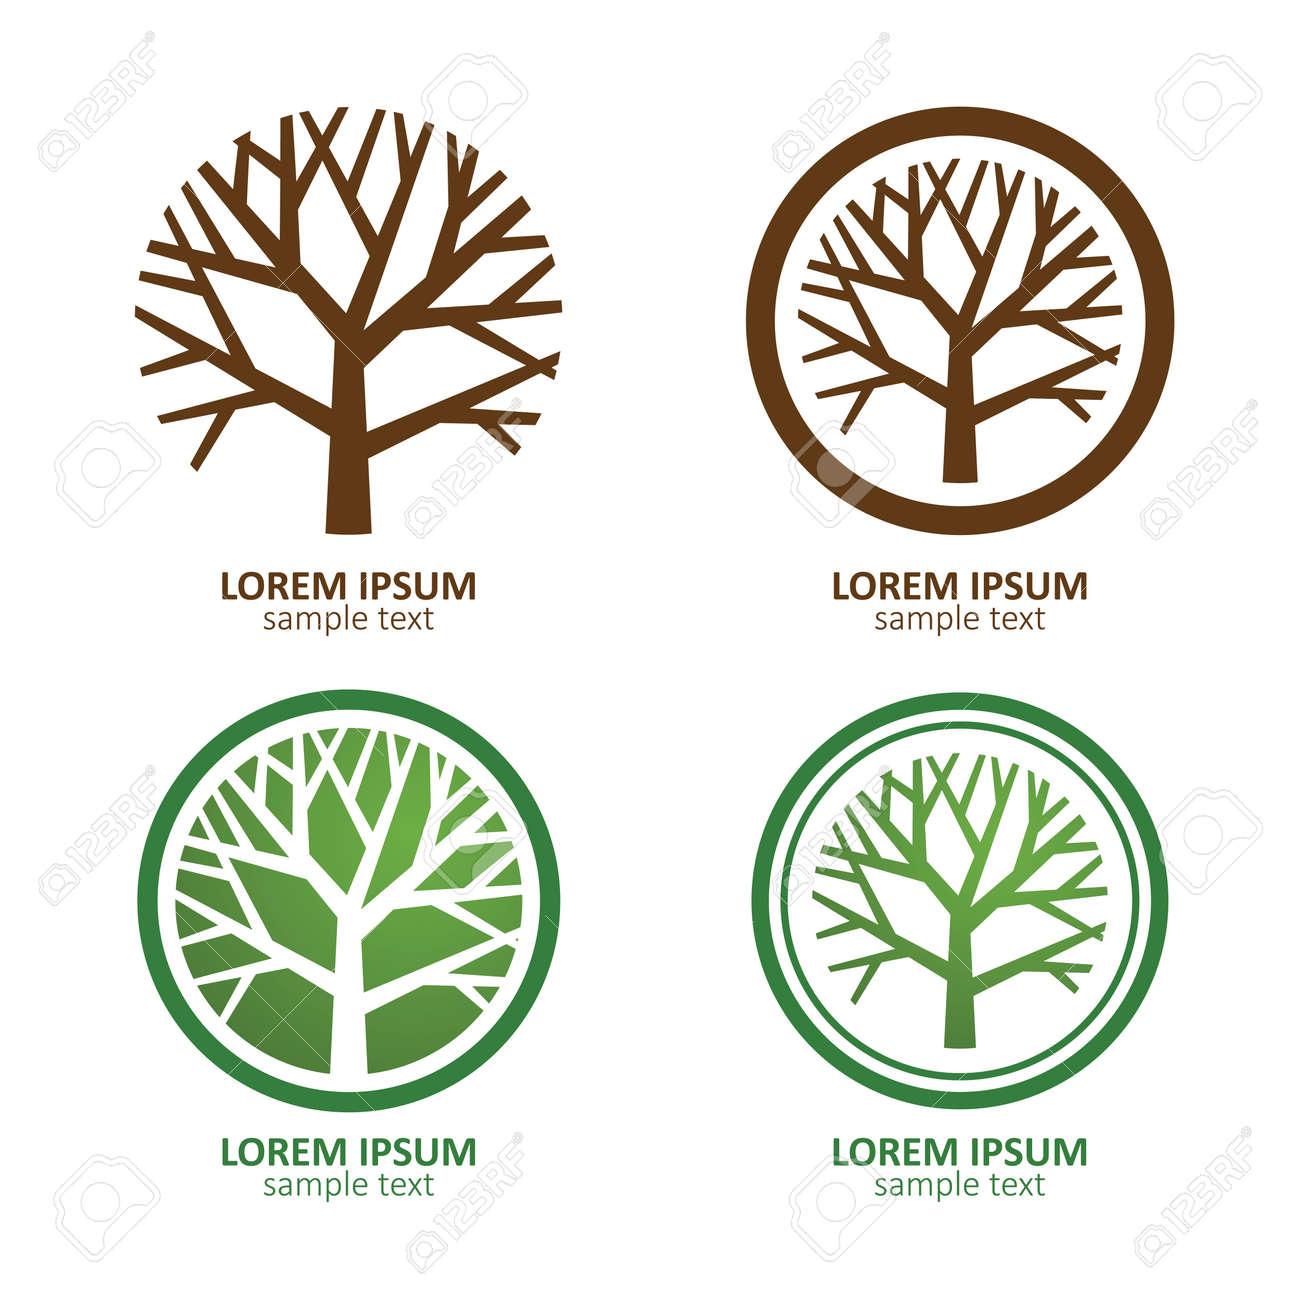 Green Circle Tree vector logo design. eco concept.Vector Illustration. Stock Vector - 40396947